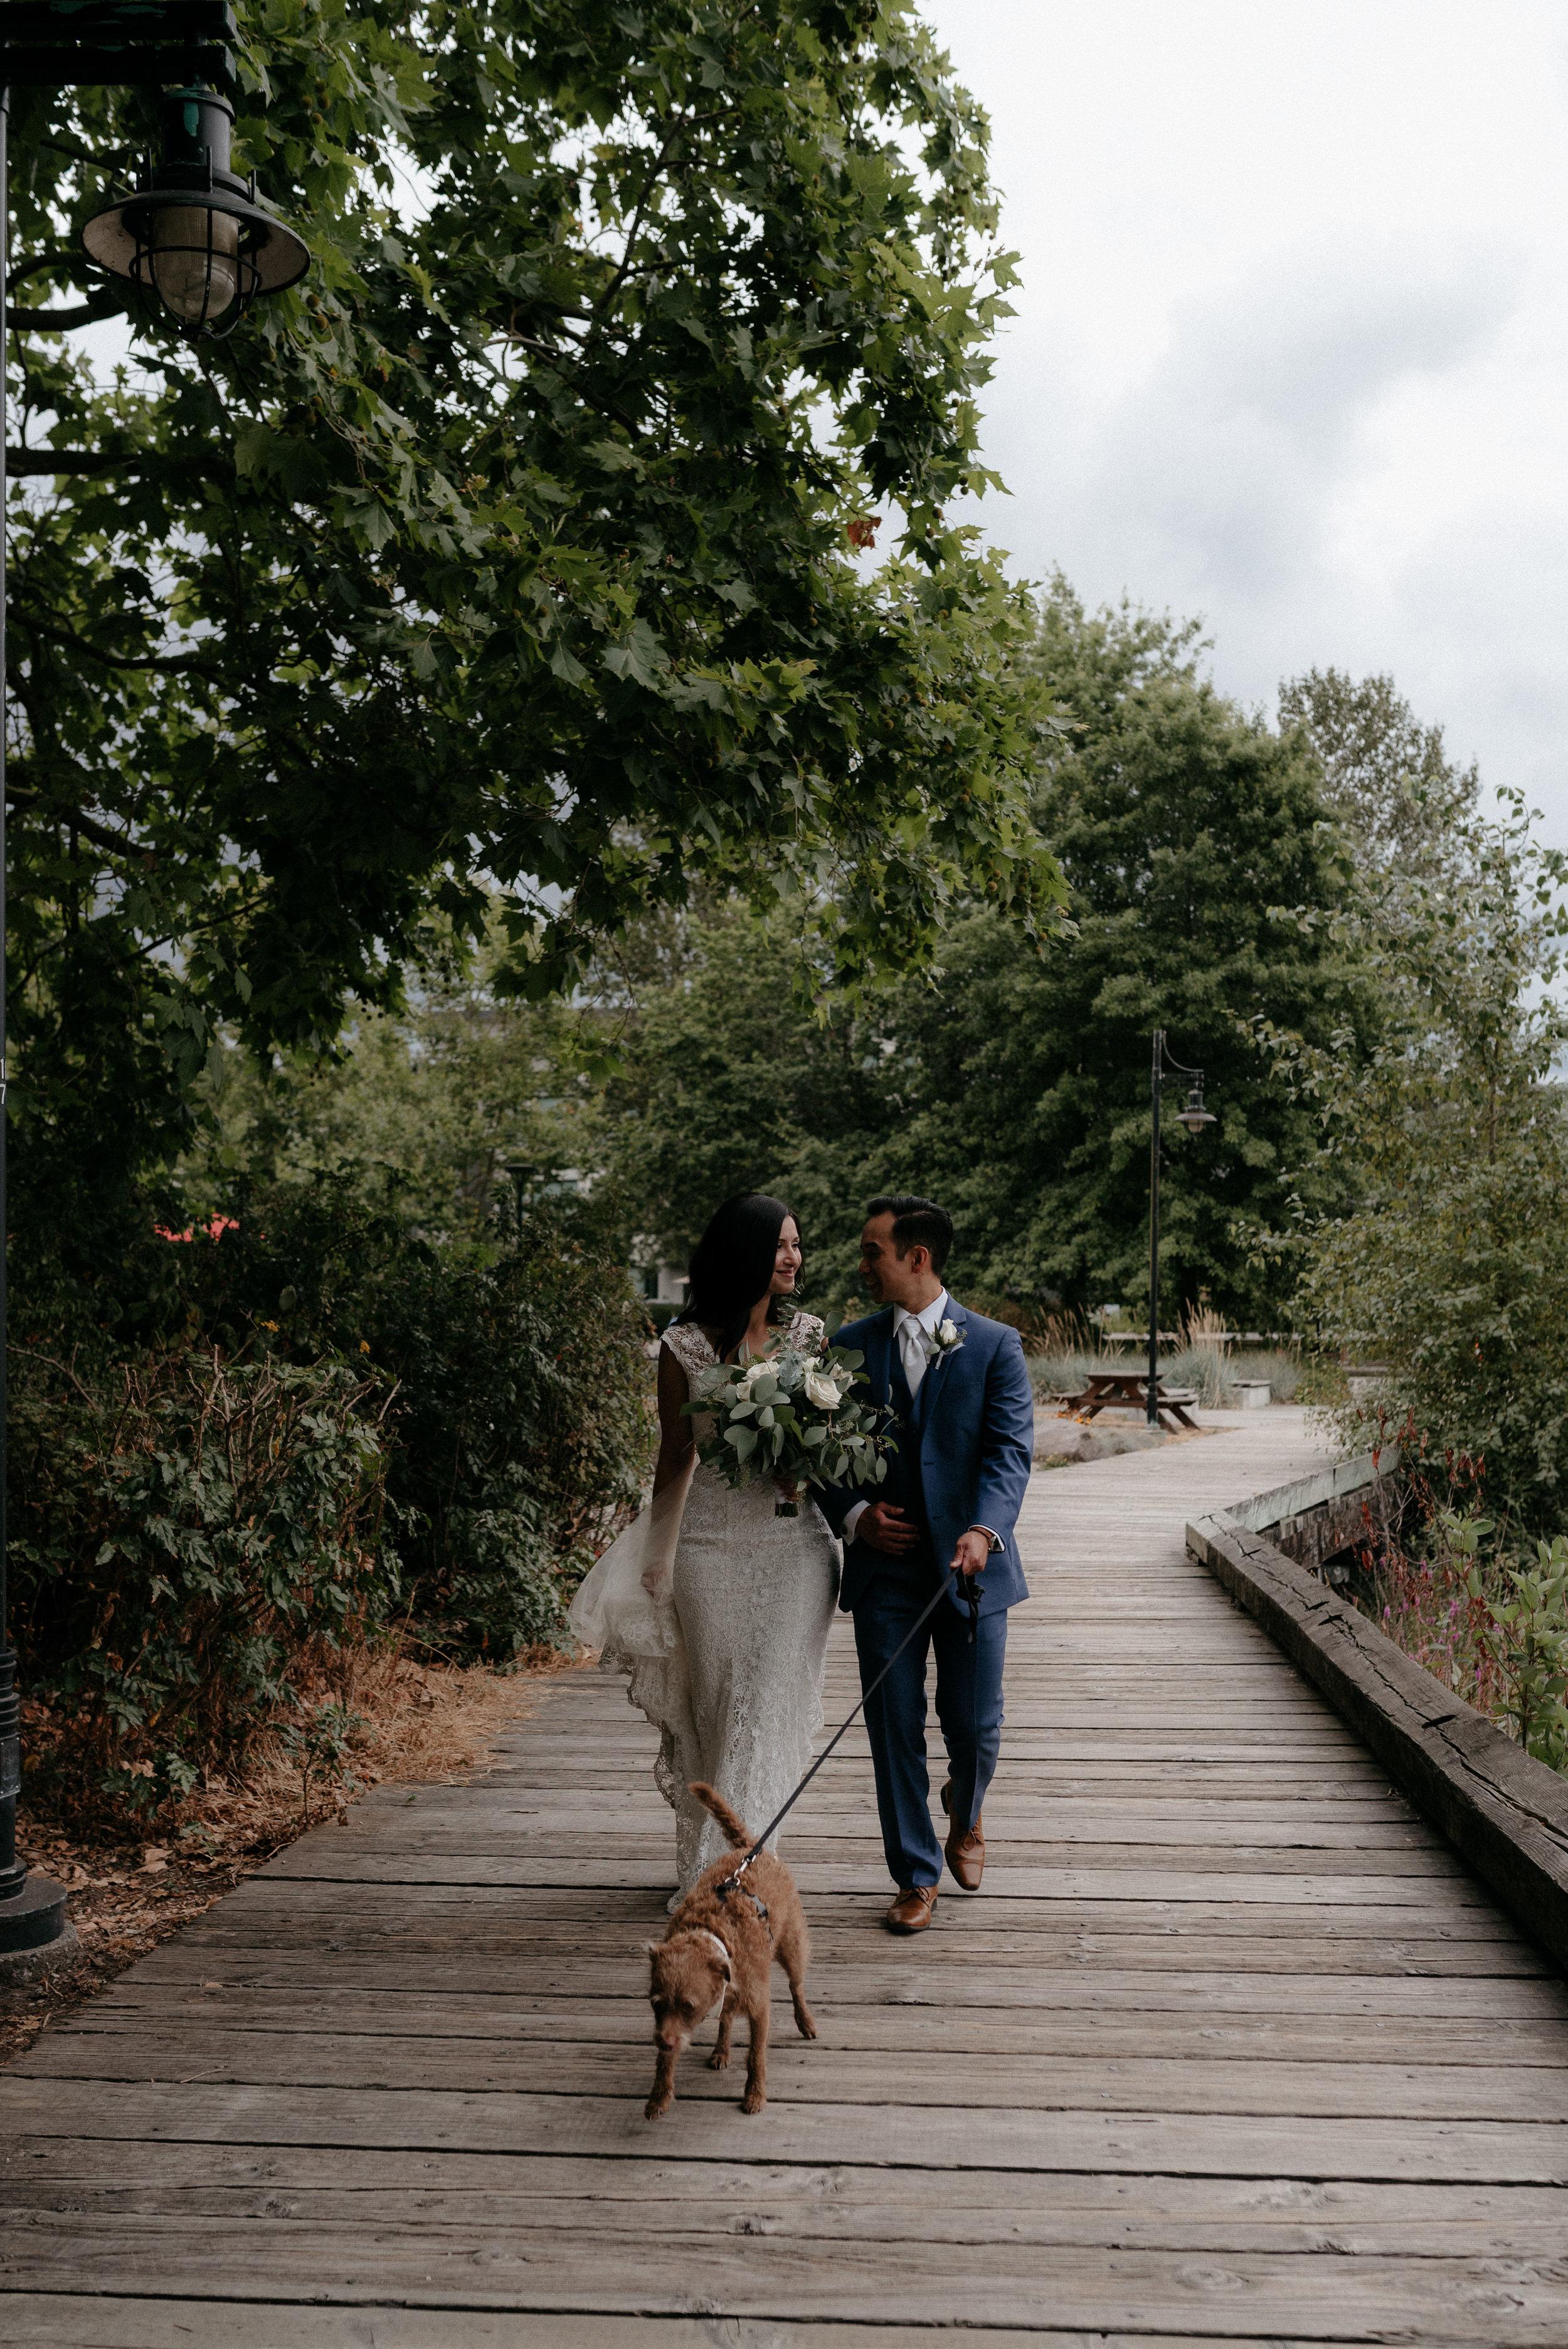 UBC botanical garden Wedding Sanaz + Vince08111200438261.jpg